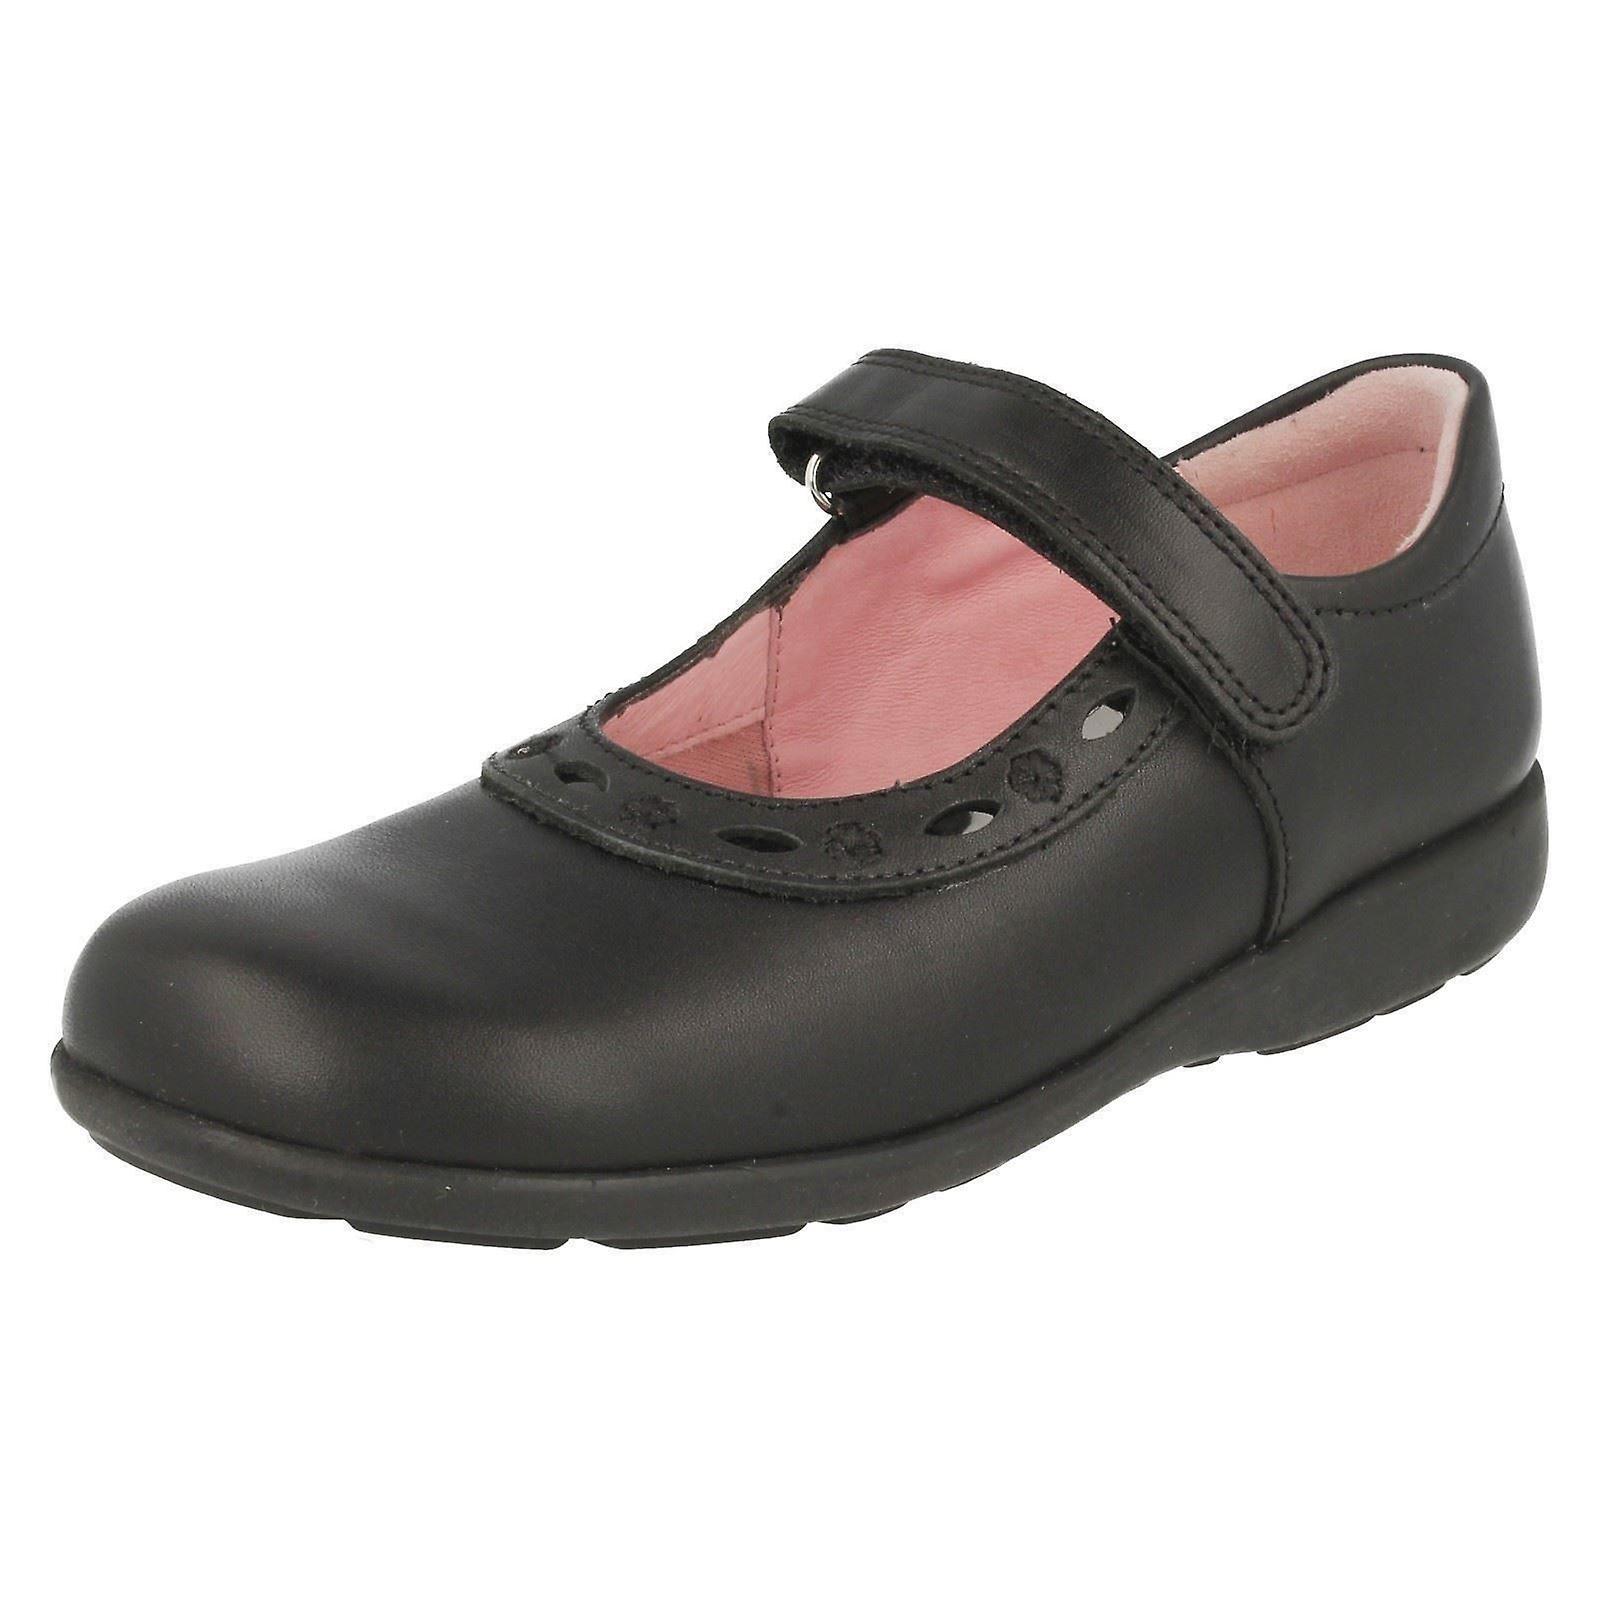 Girls Startrite Formal School Shoes Scissors